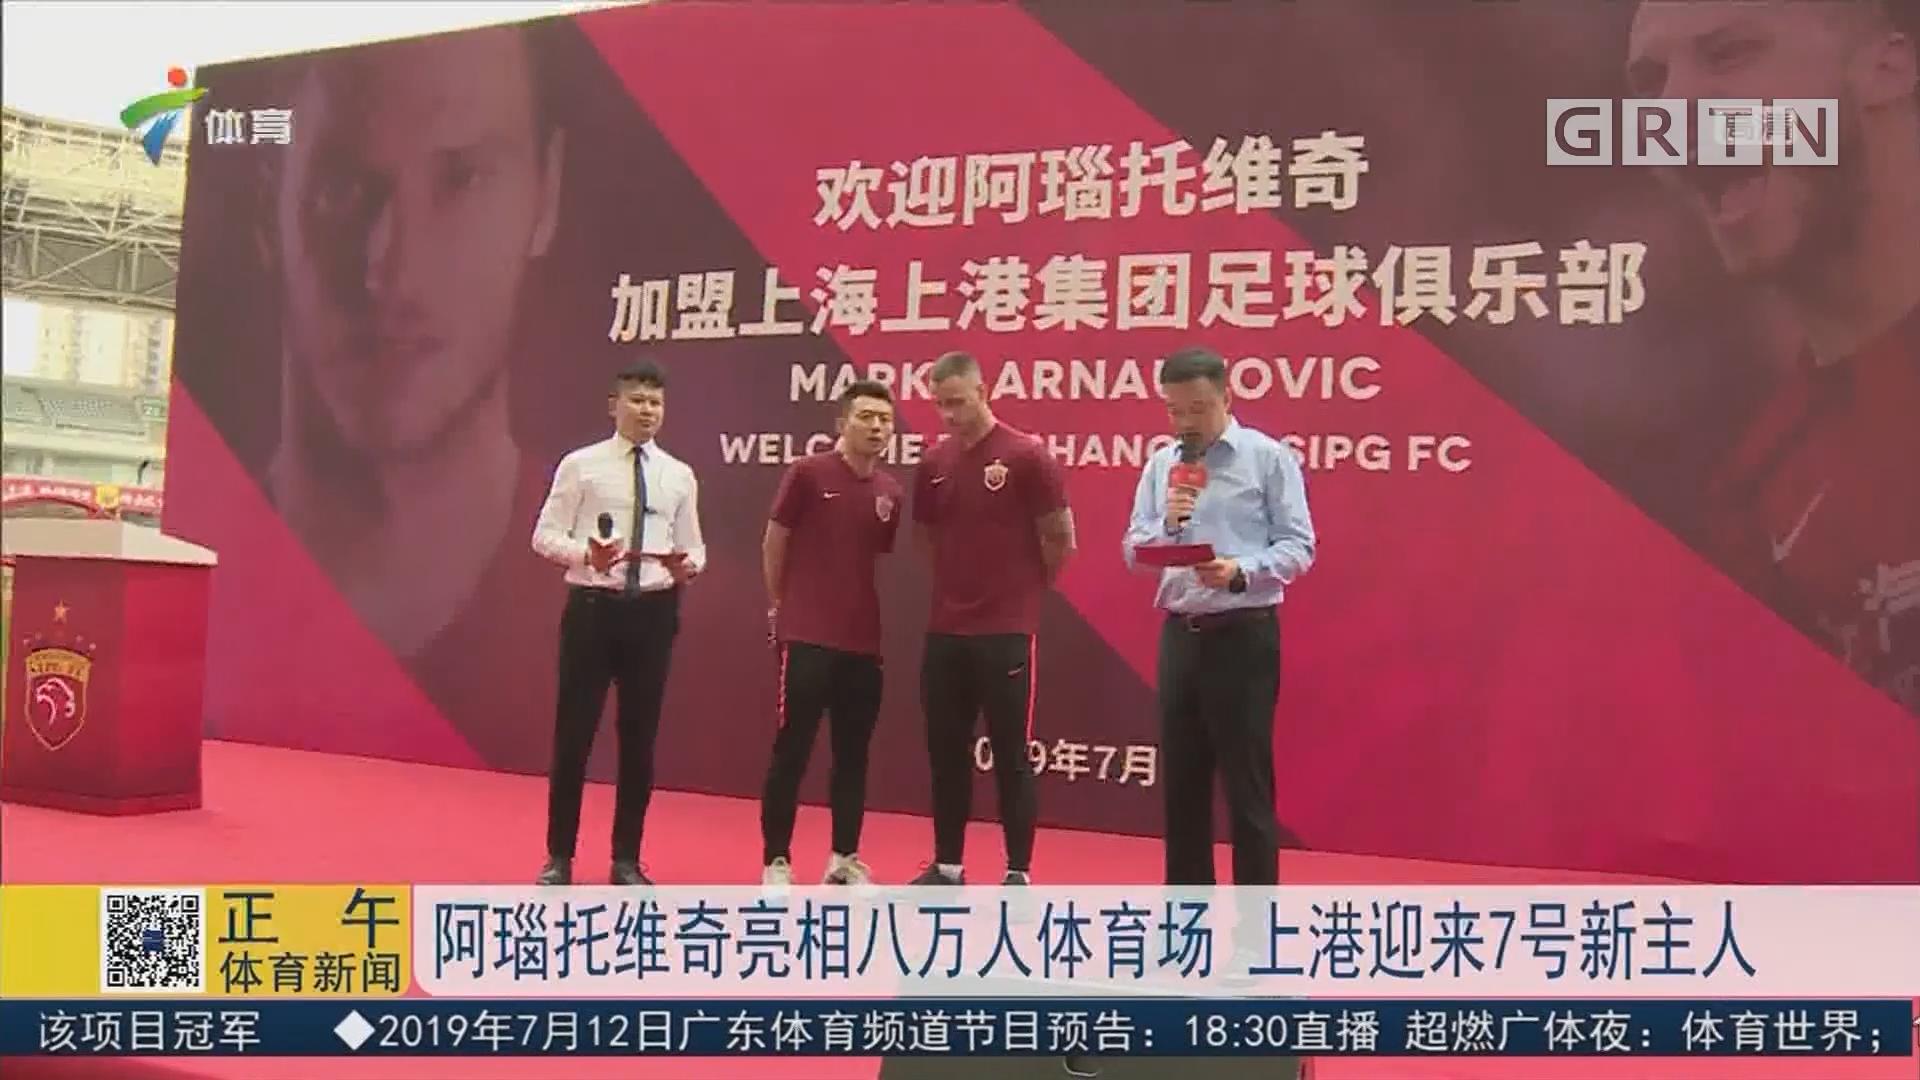 阿瑙托维奇亮相八万人体育场 上港迎来7号新主人